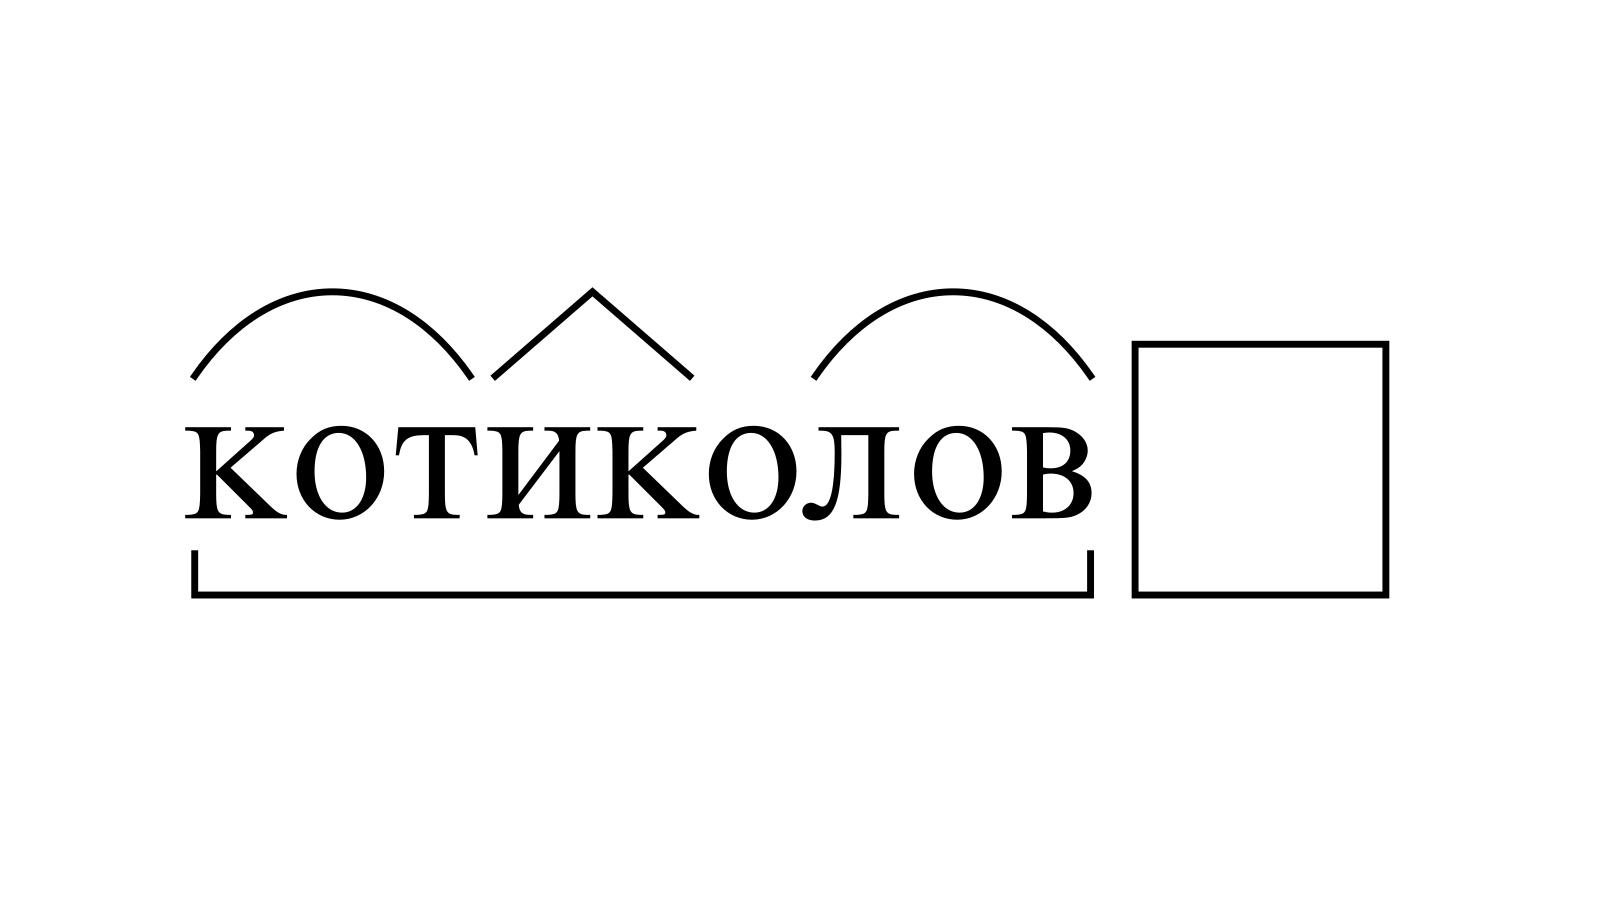 Разбор слова «котиколов» по составу